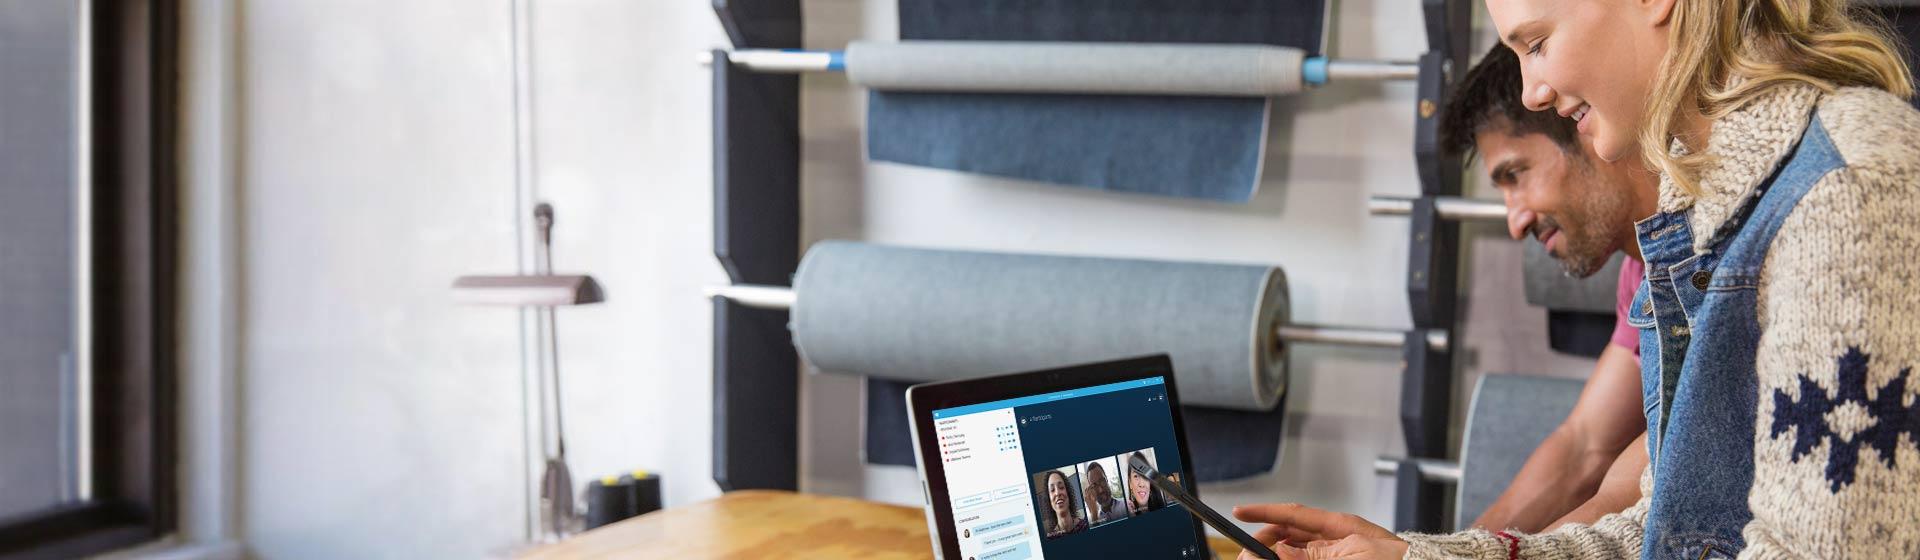 Nainen ja mies Skype-kokouksessa tabletilla, nainen pitelee puhelinta